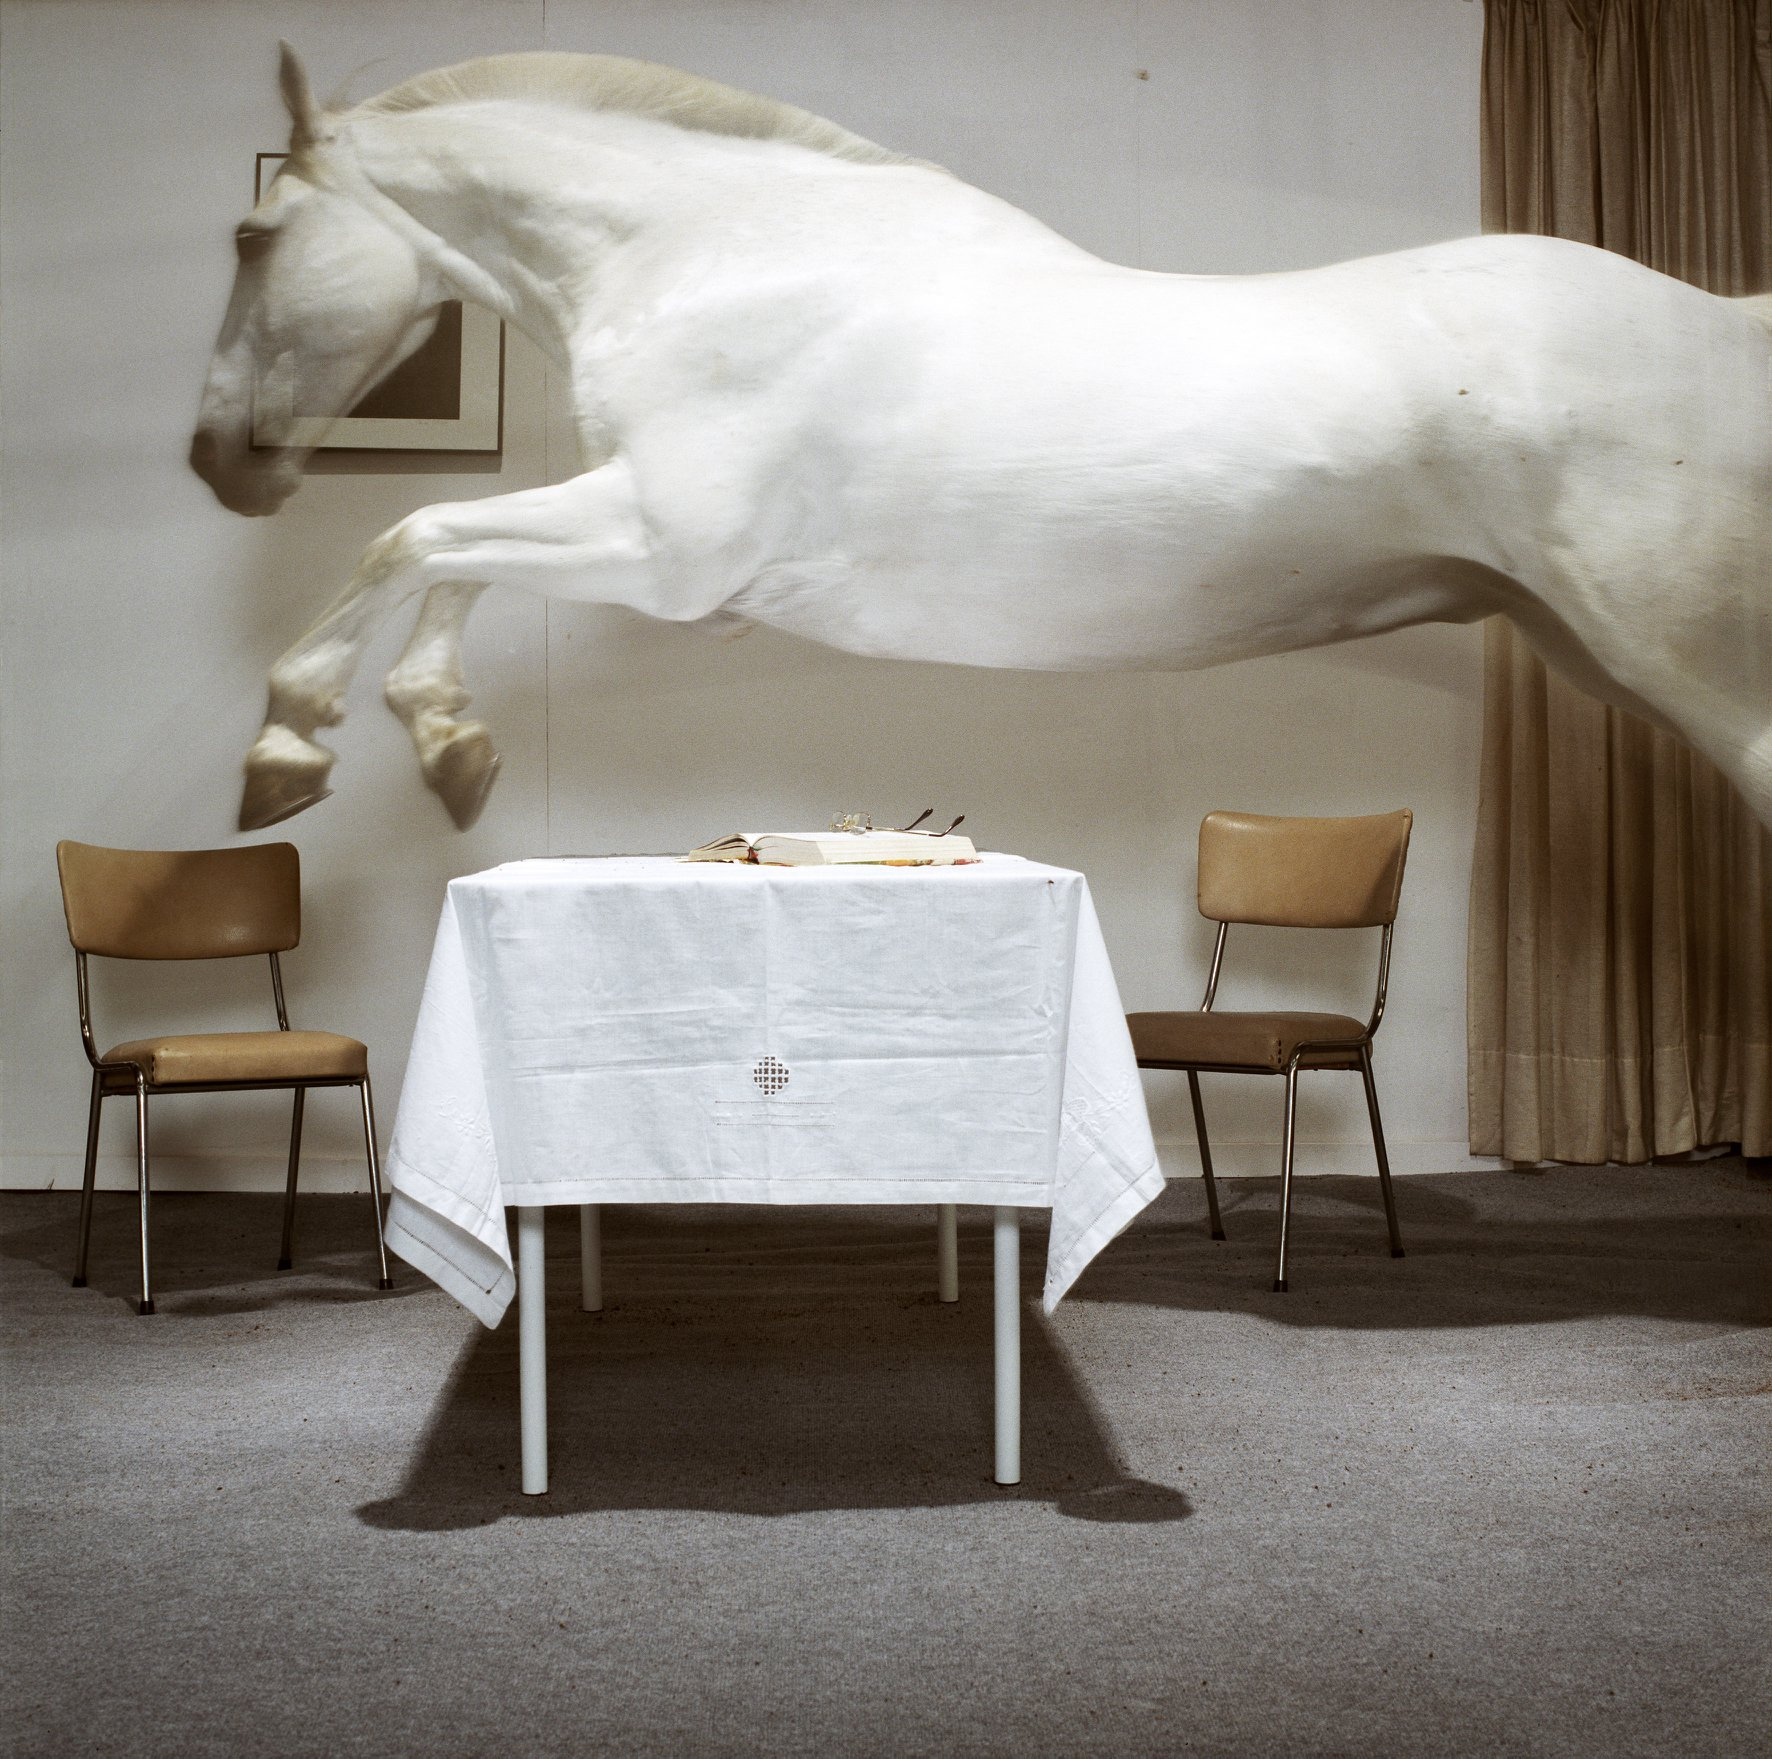 foto van Hannes Wallraven waarop een wit paard over een tafel springt